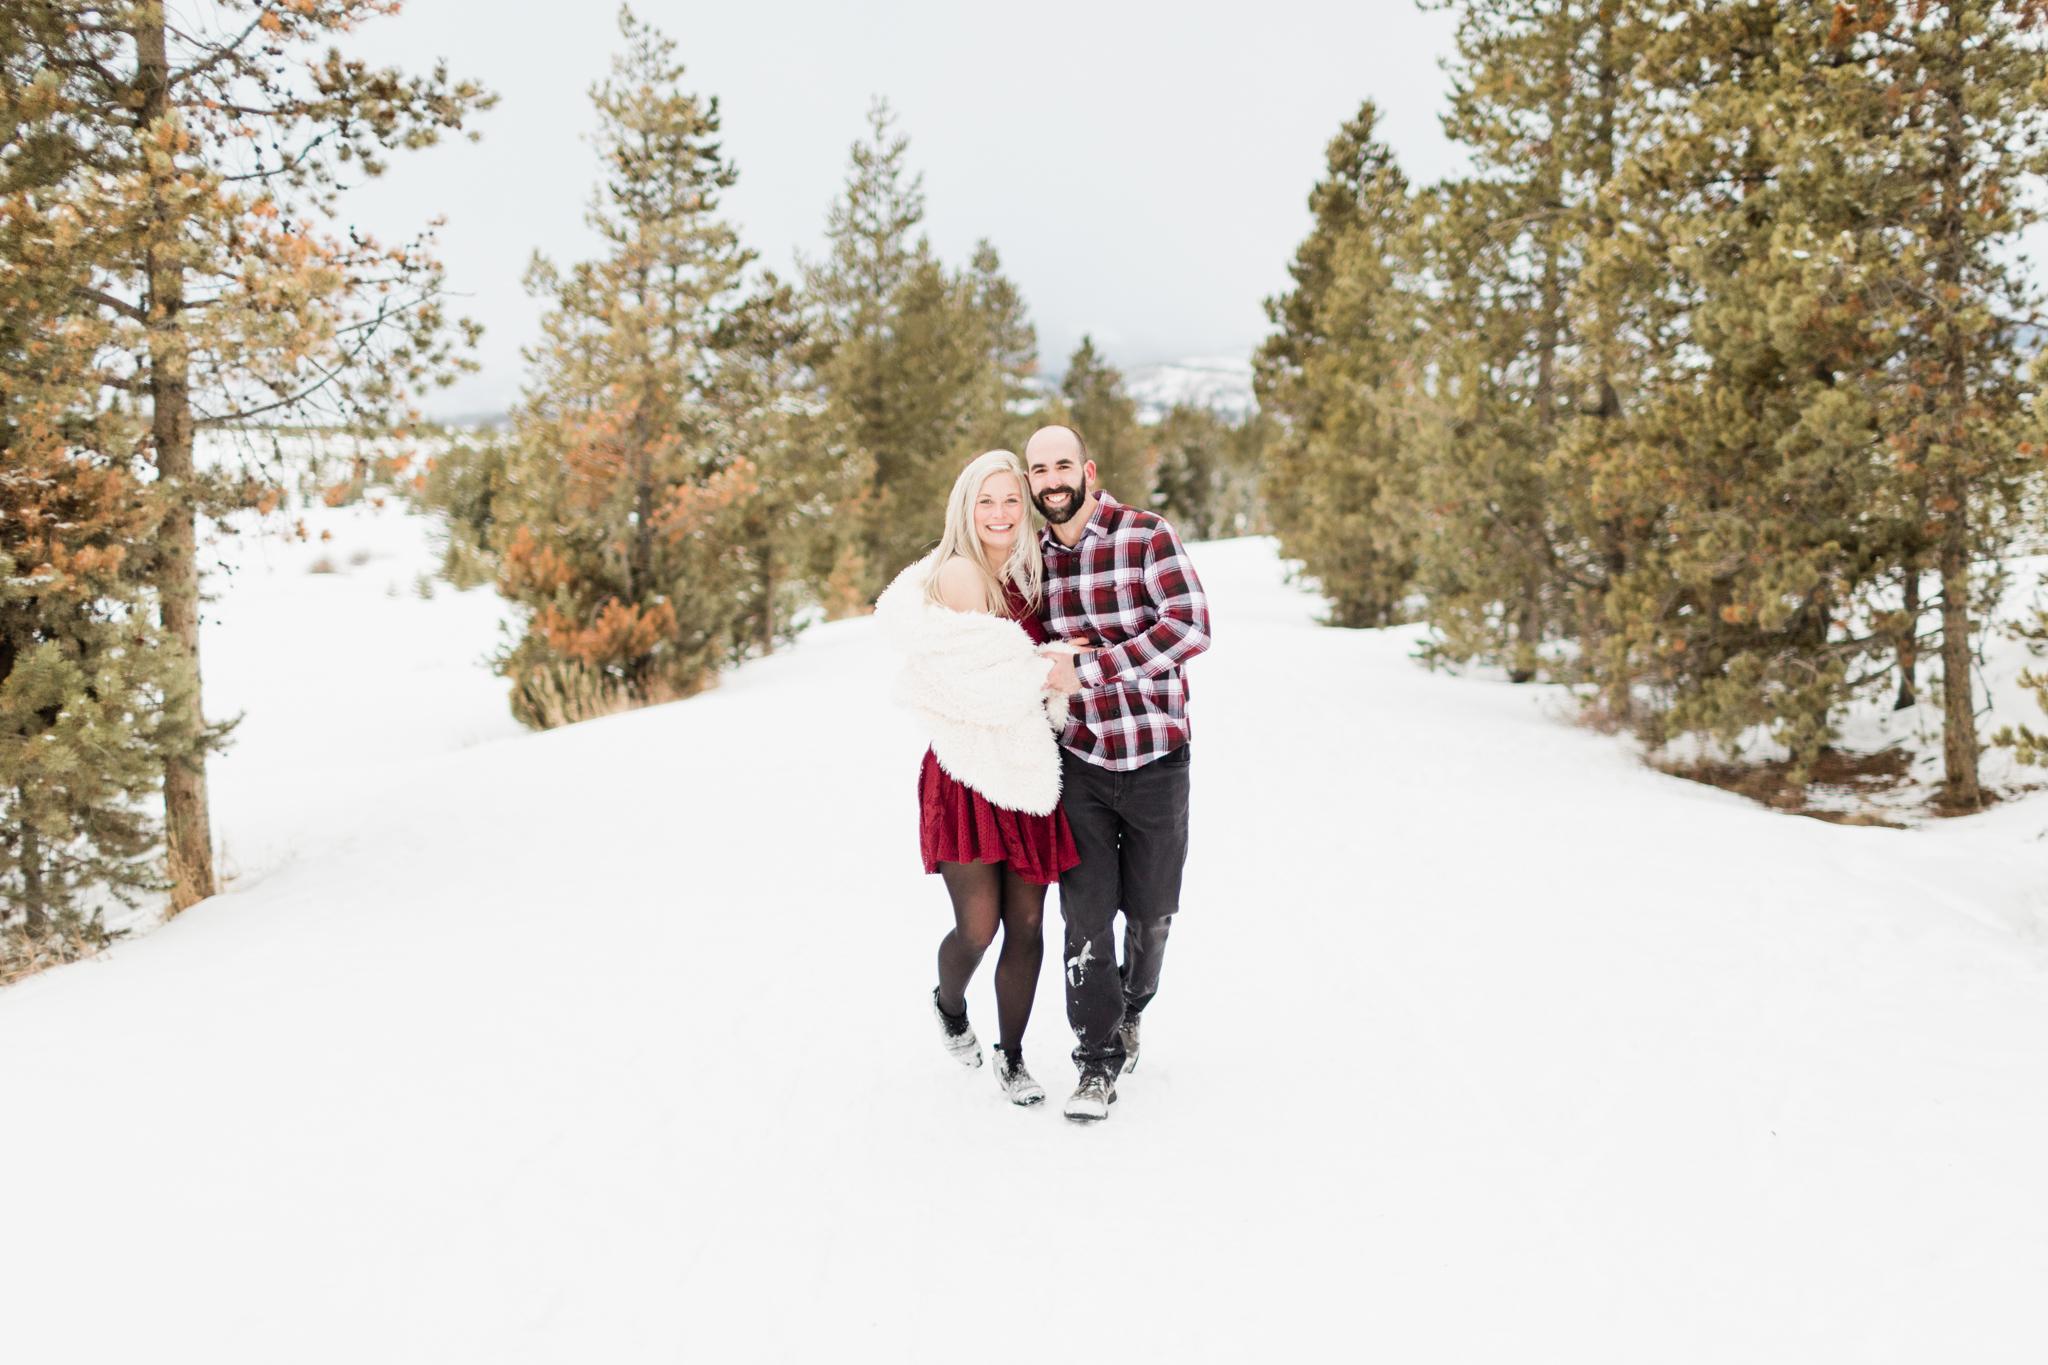 Windy_Point_Breckenridge_Winter_Proposal_22